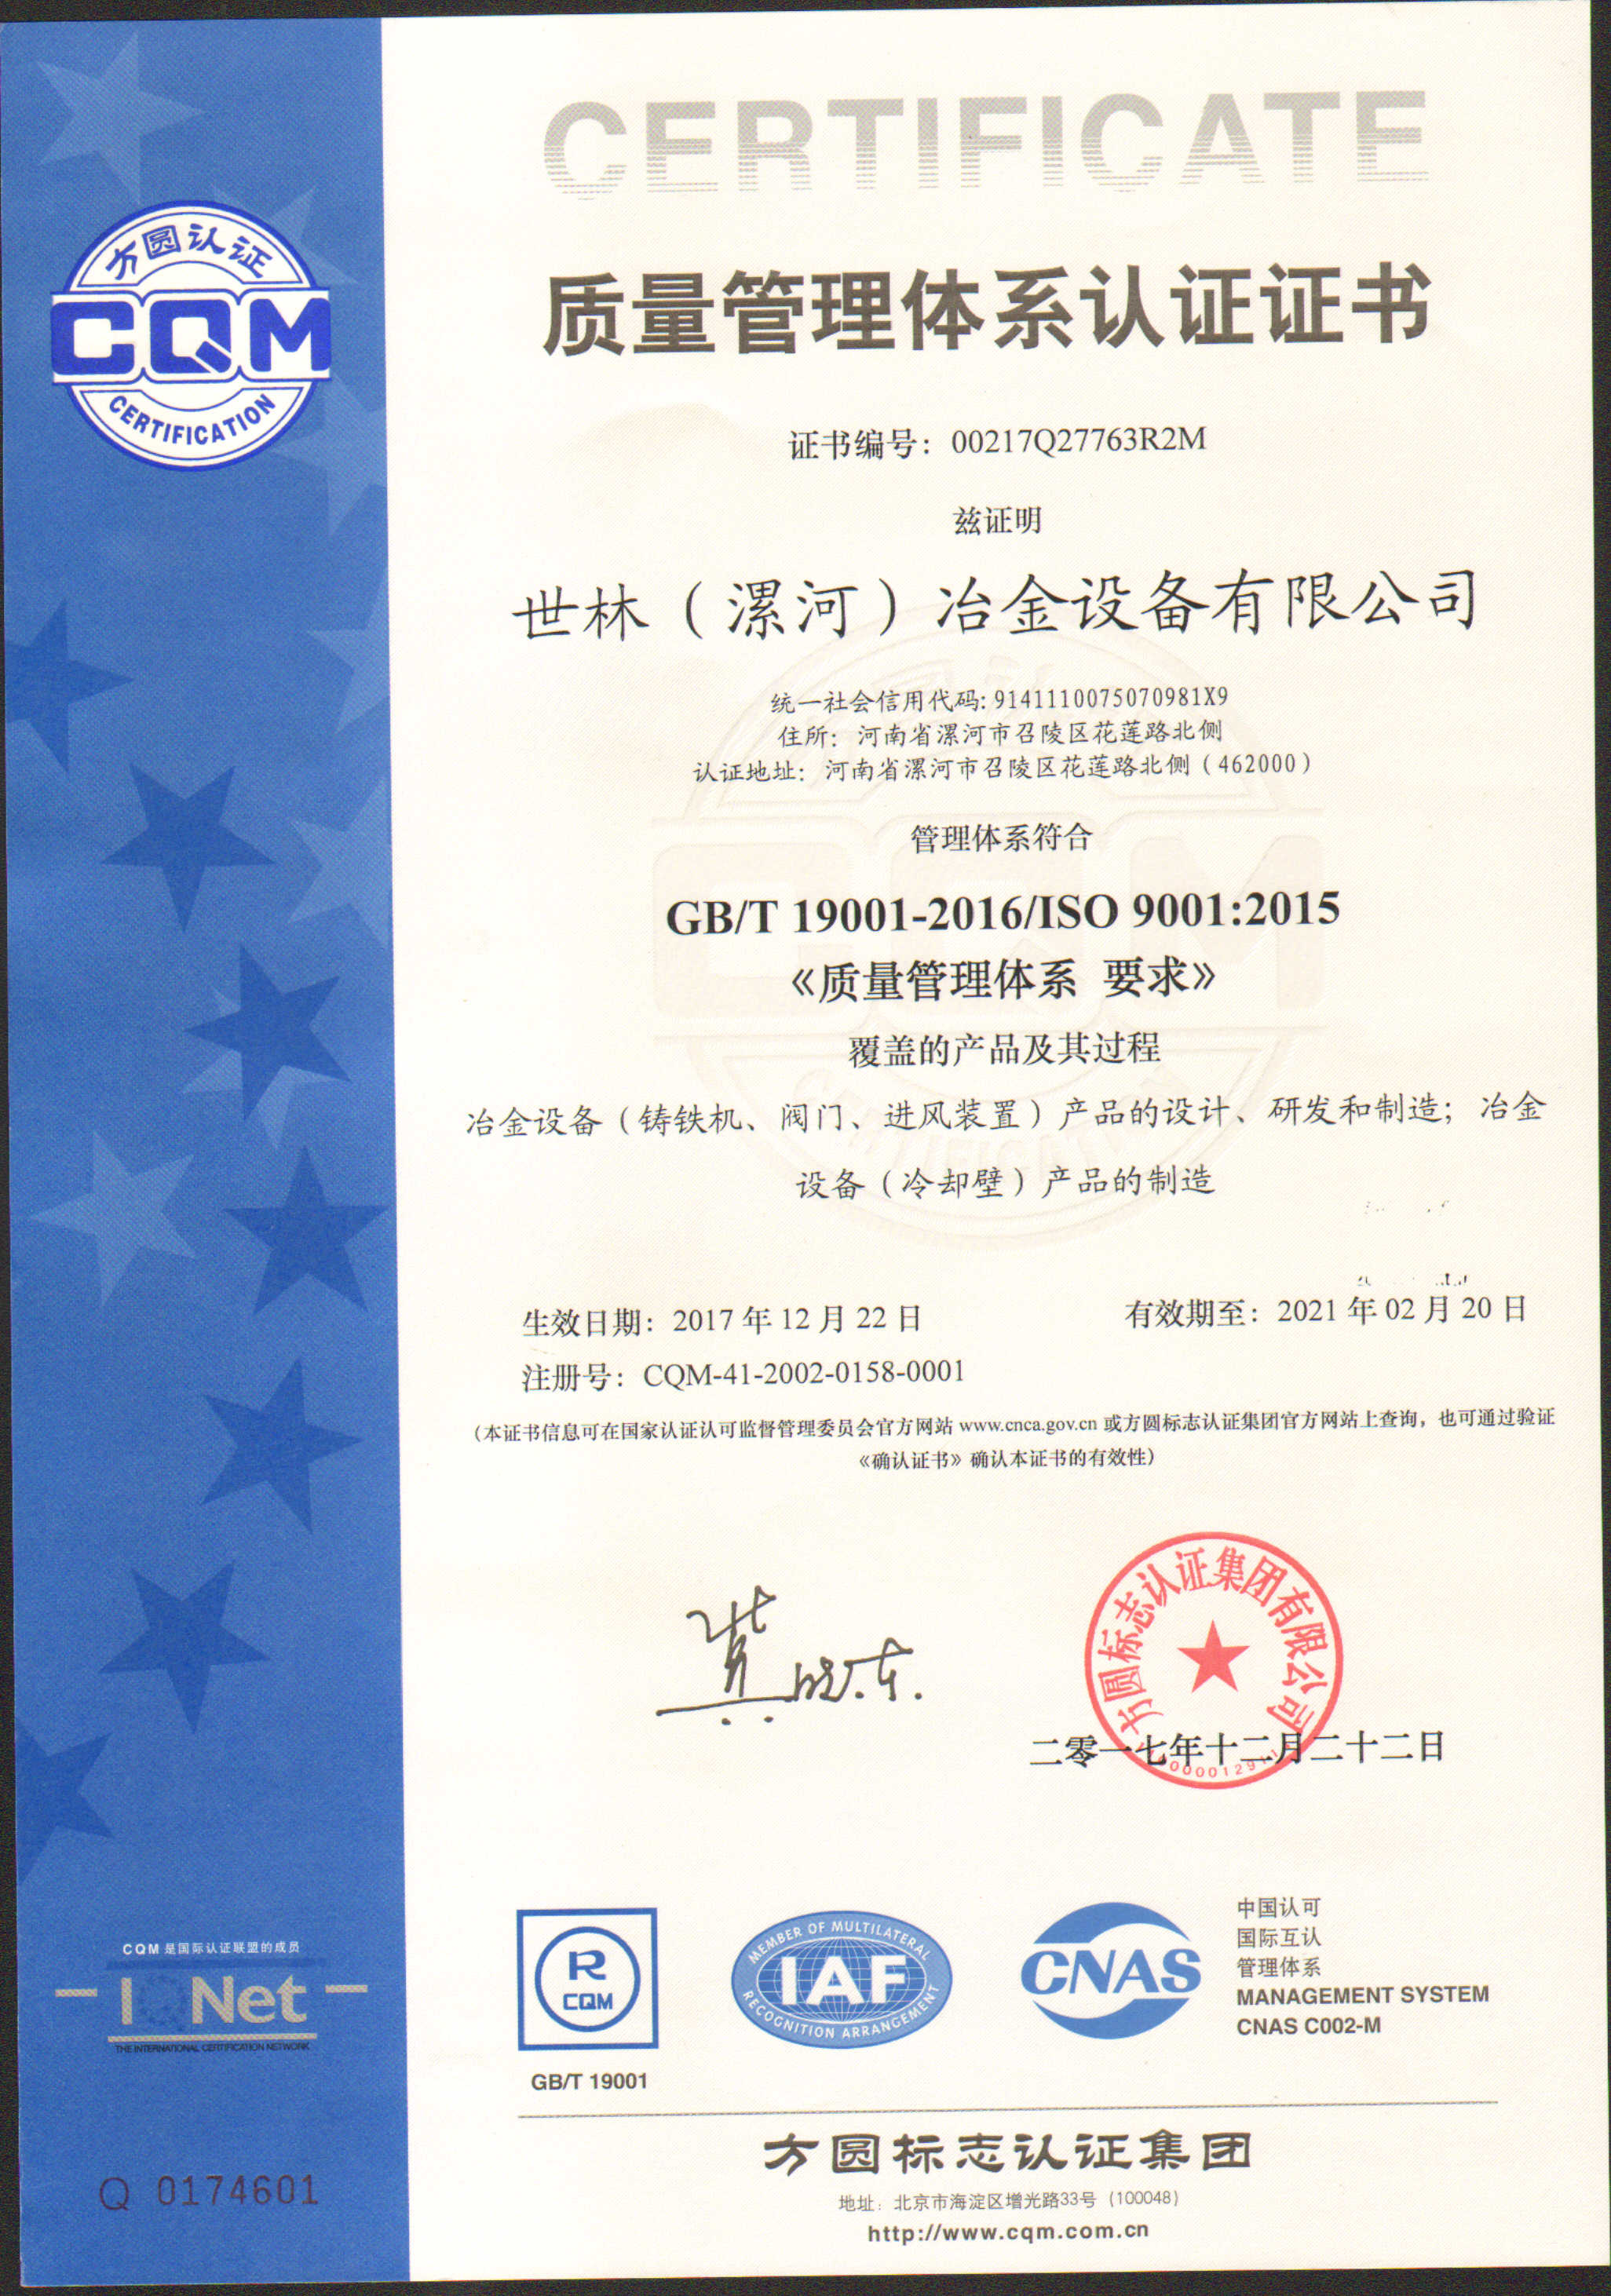 質量管理體系证书-质量体系证书2017版